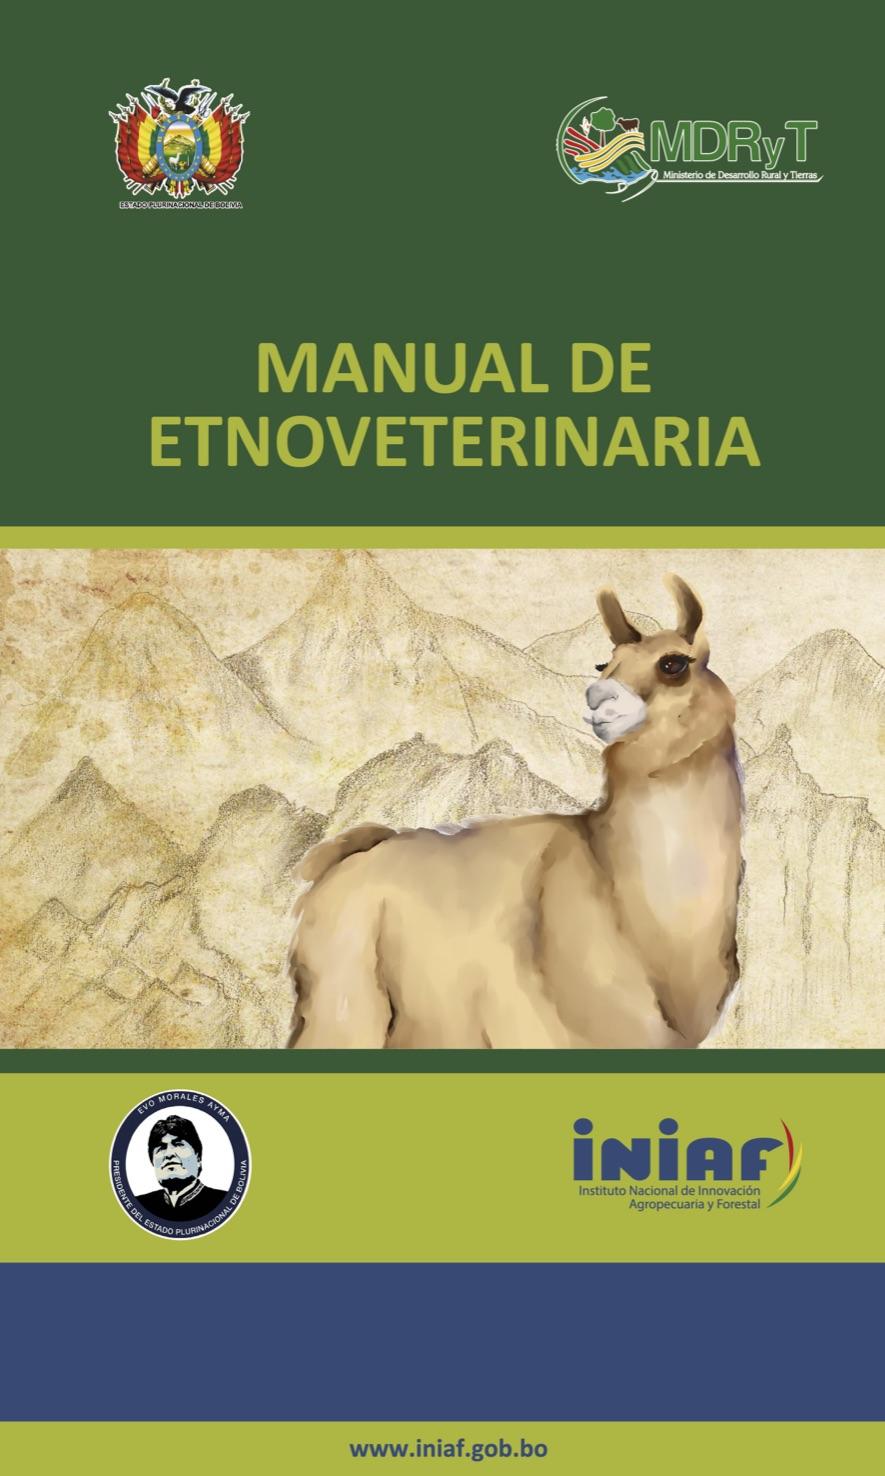 Manual de Etnoveterinaria en Bolivia Image principale